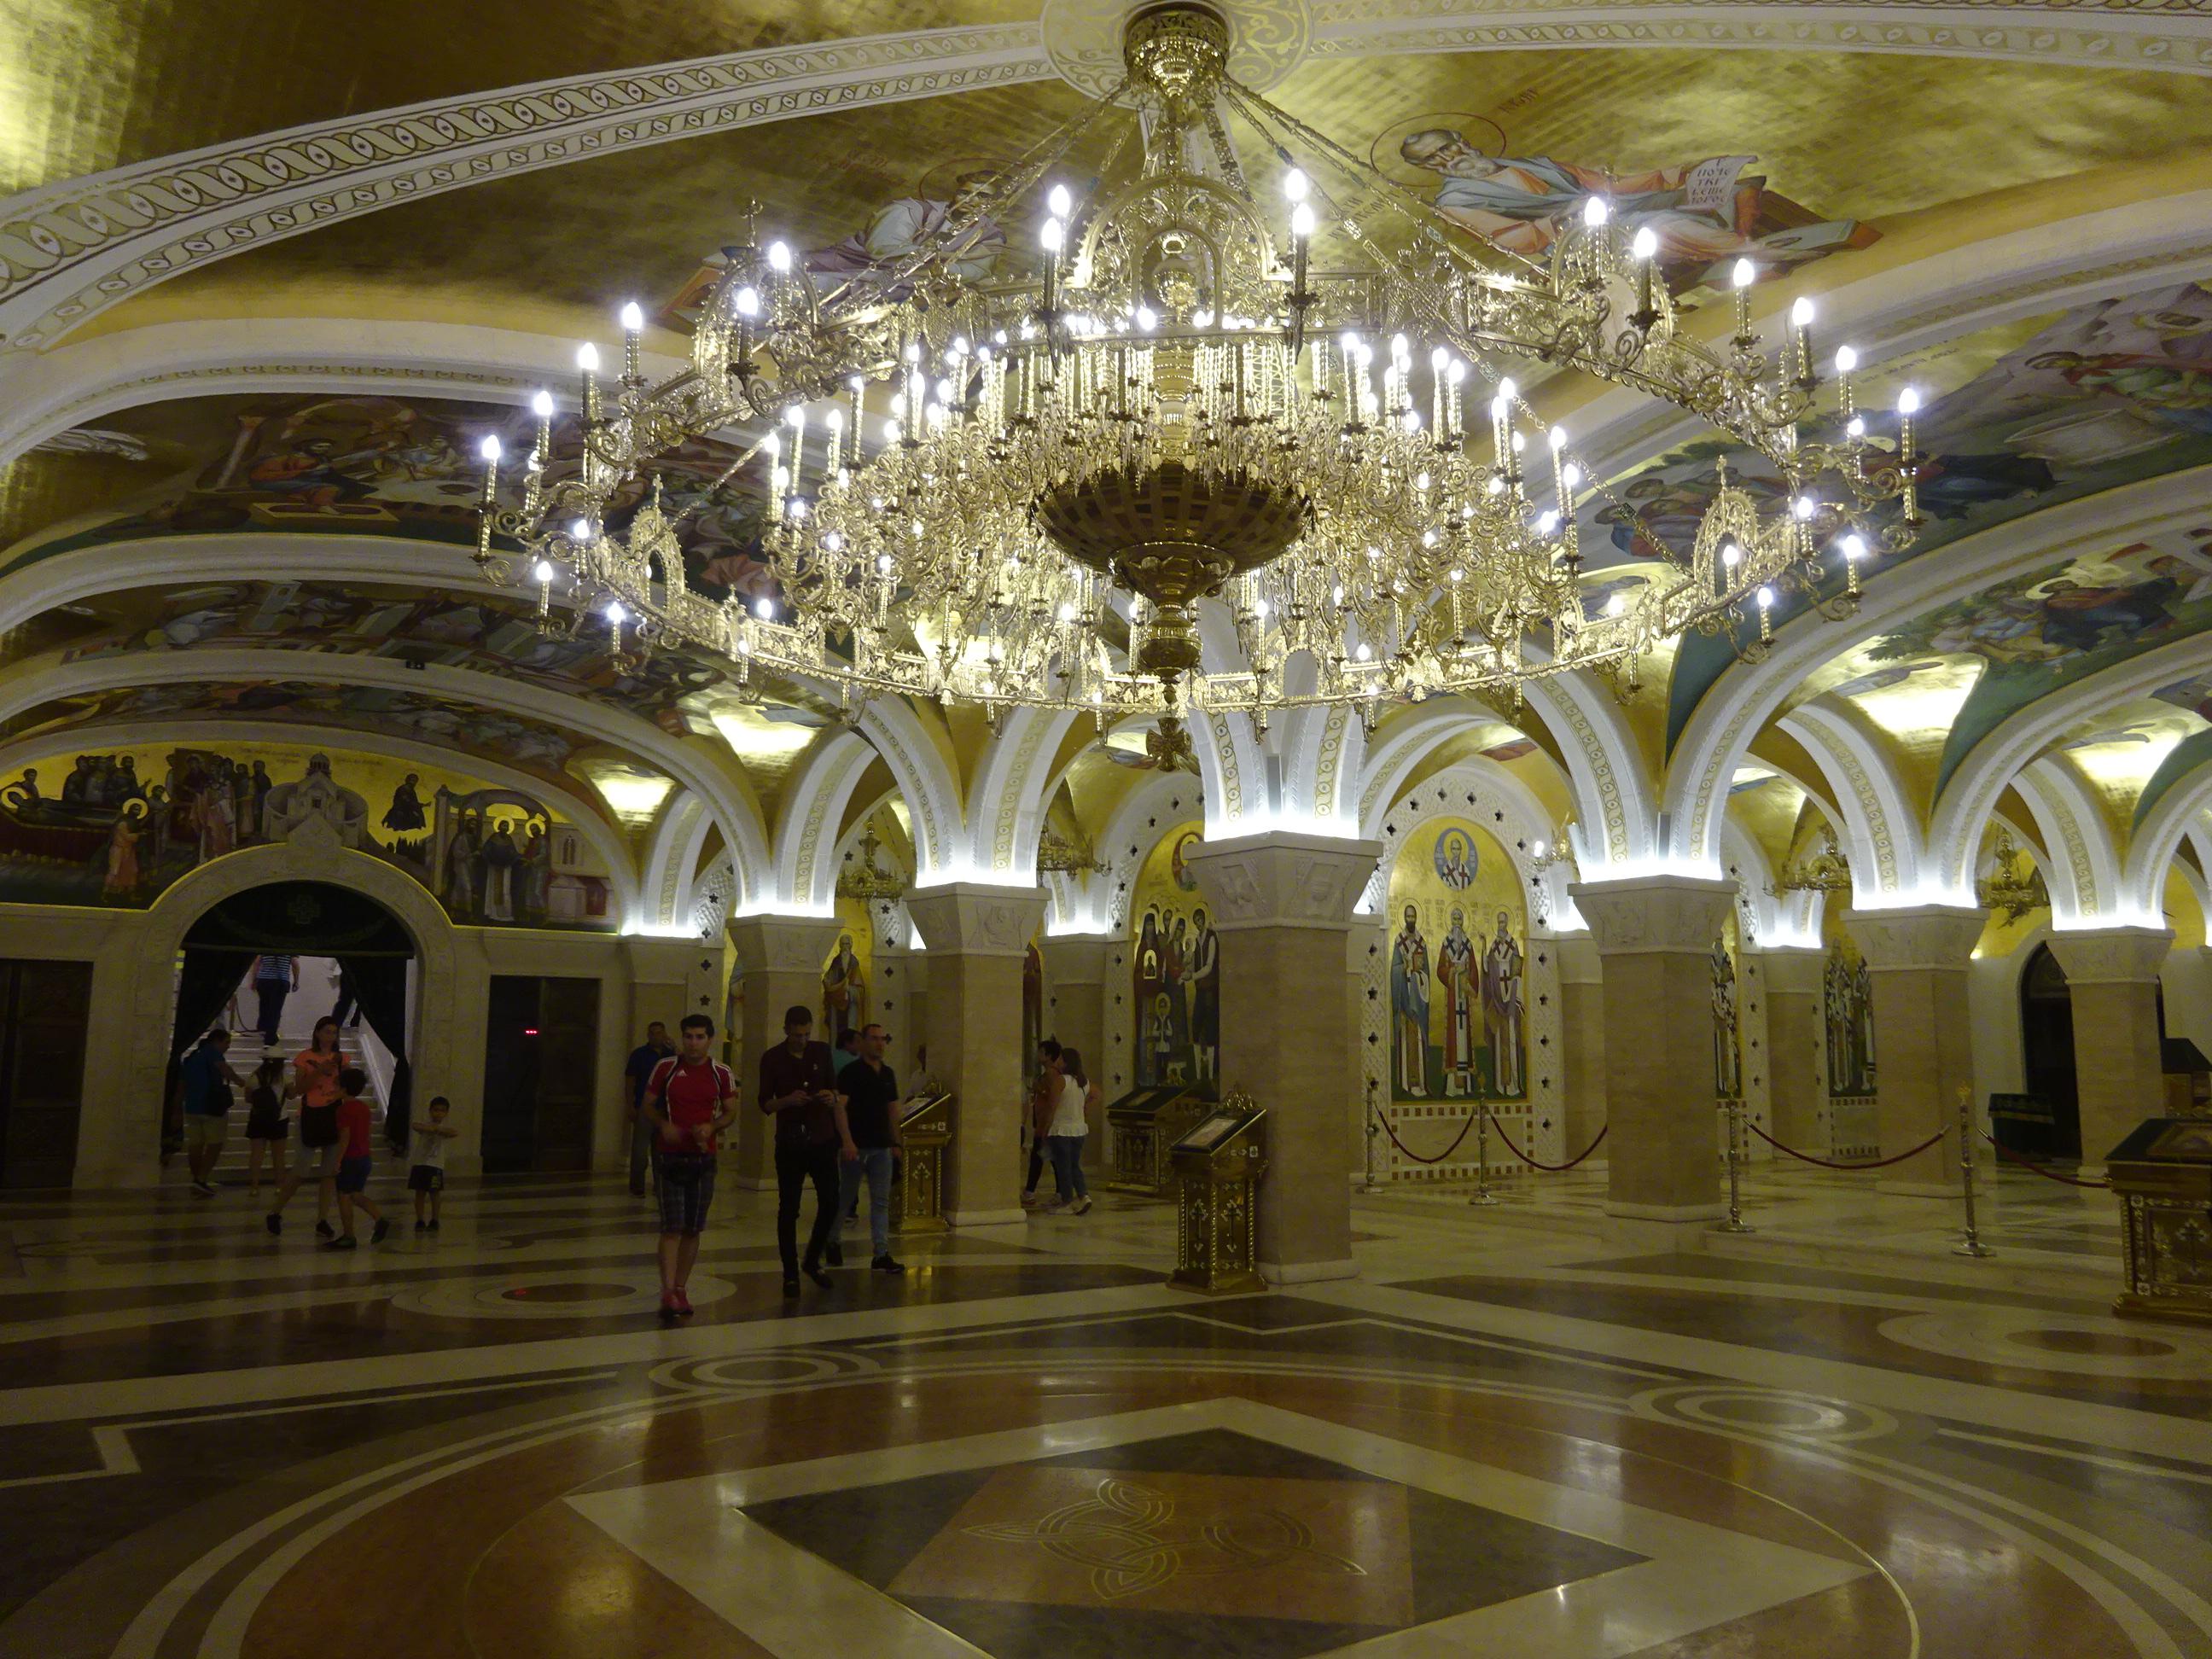 「聖サヴァ大聖堂」のシャンデリアは豪華すぎ☆さすがベオグラードの観光イチオシスポット♪